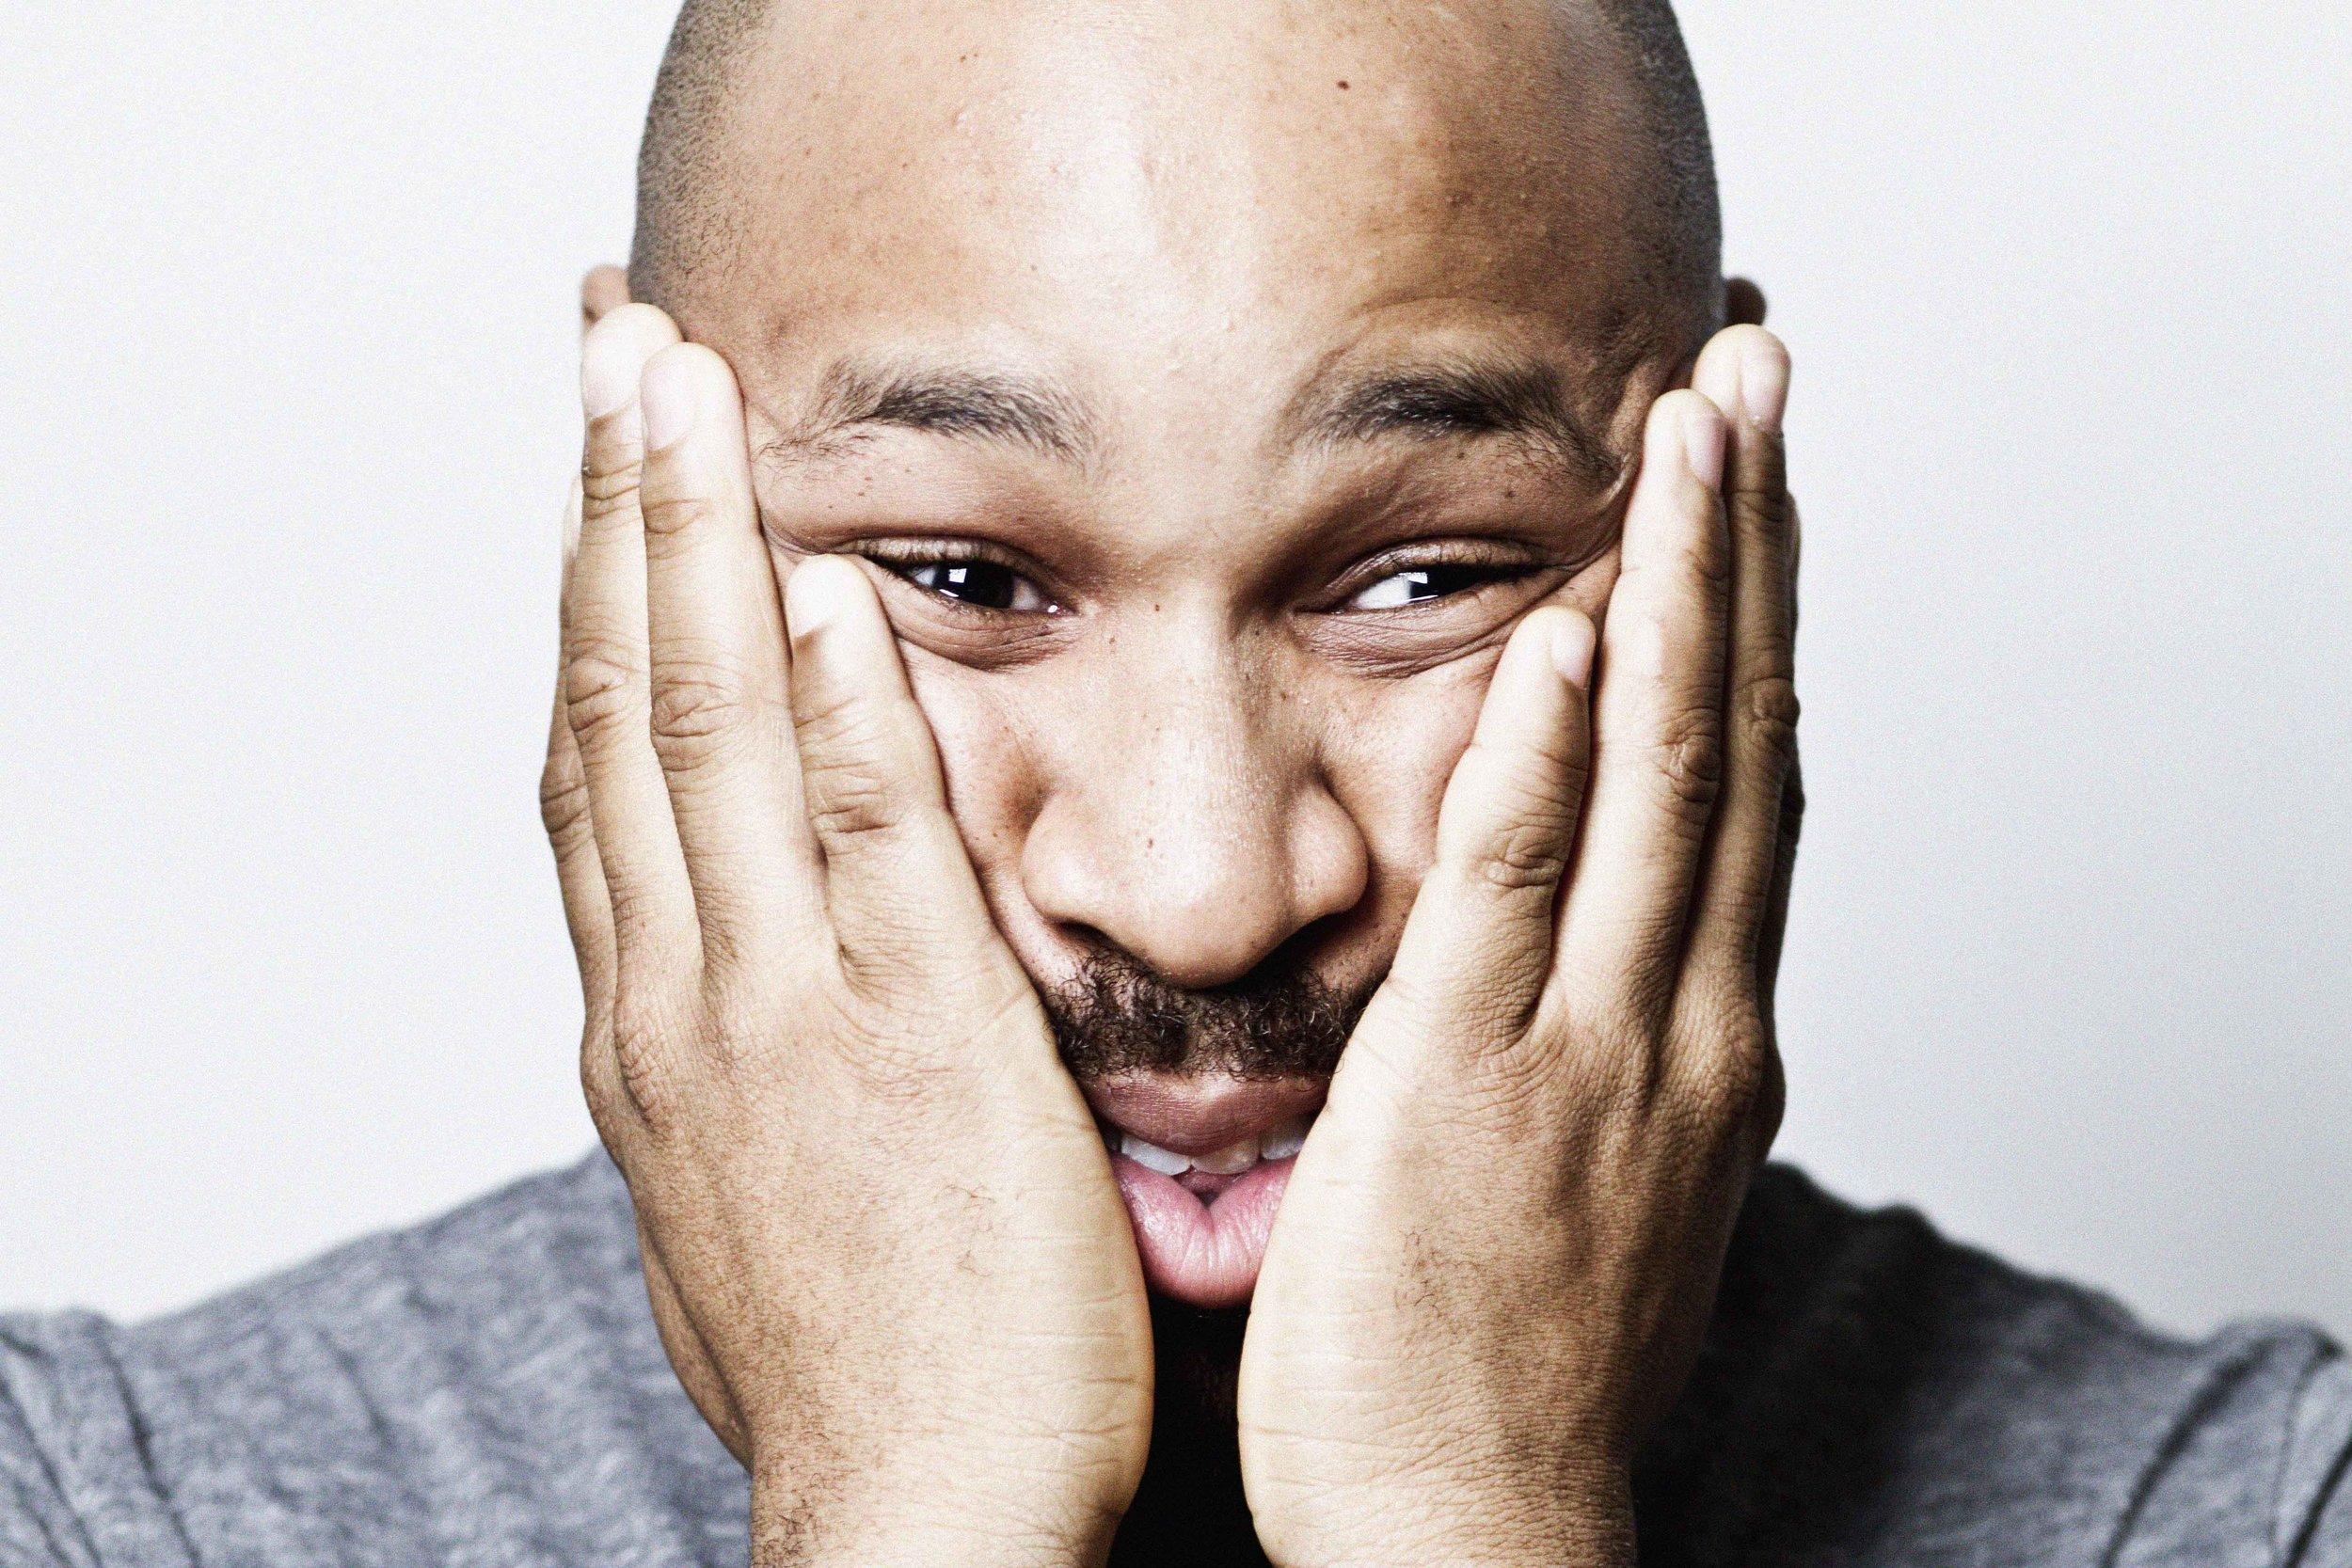 Ugo Anyanwu. Actor. Word- racism